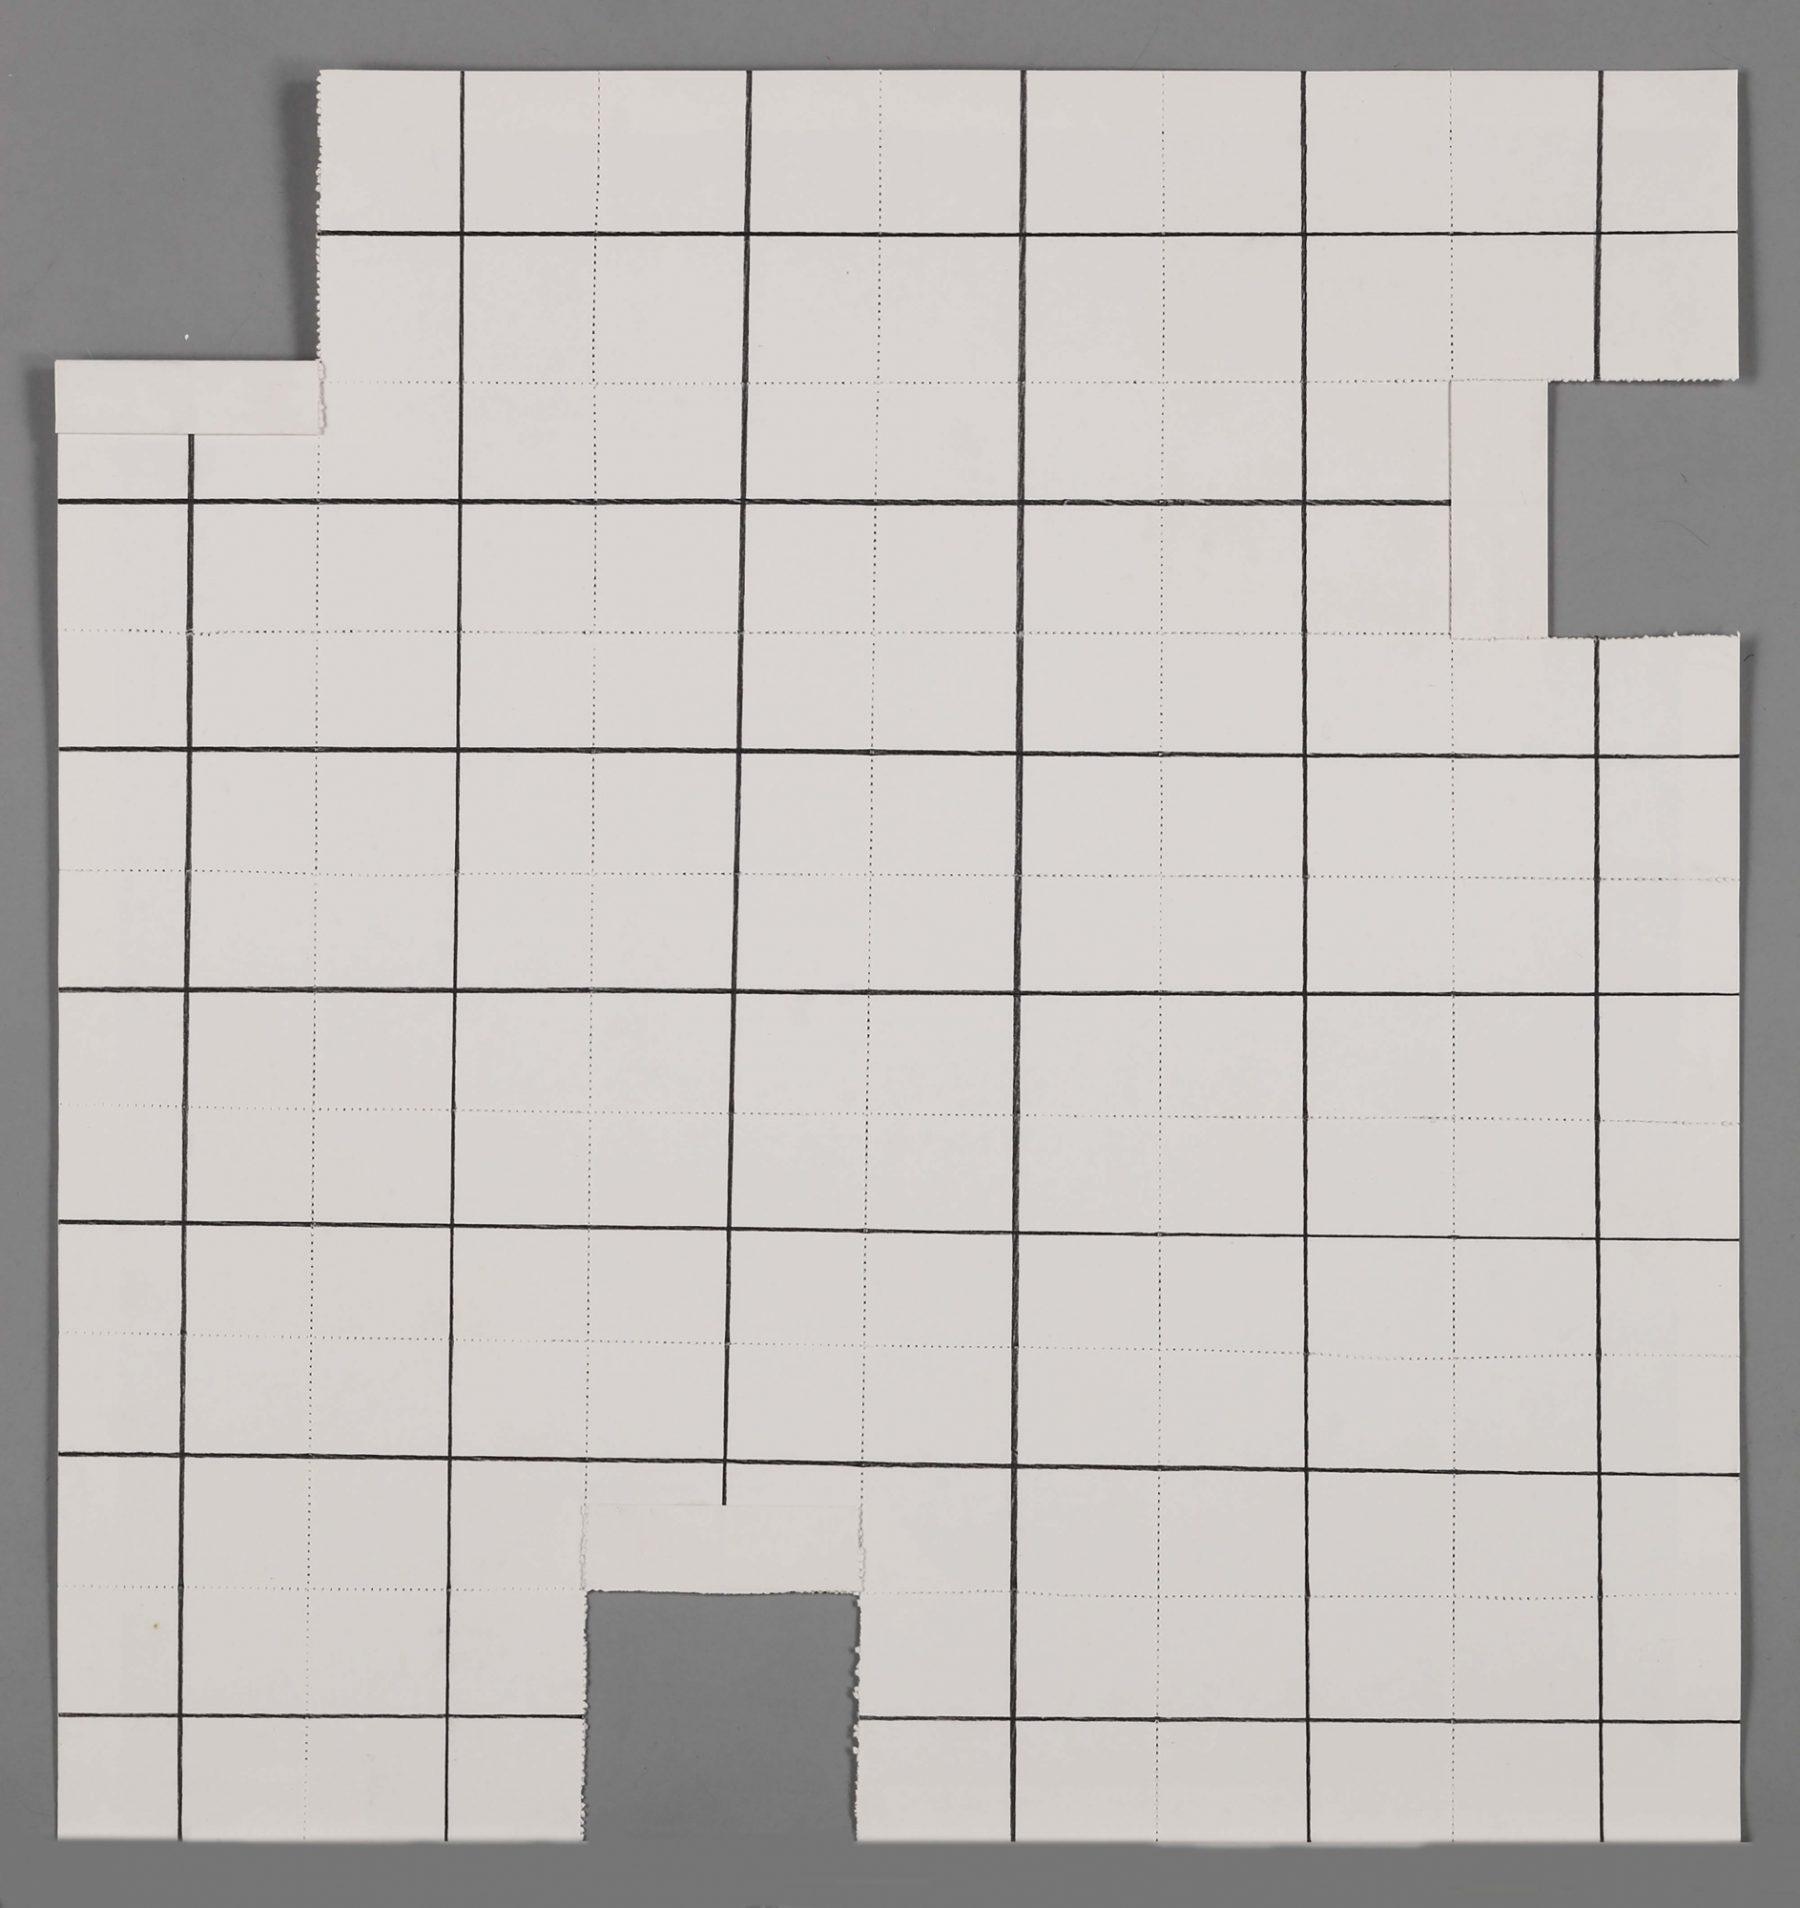 Theory of Gathering (Shūiron)